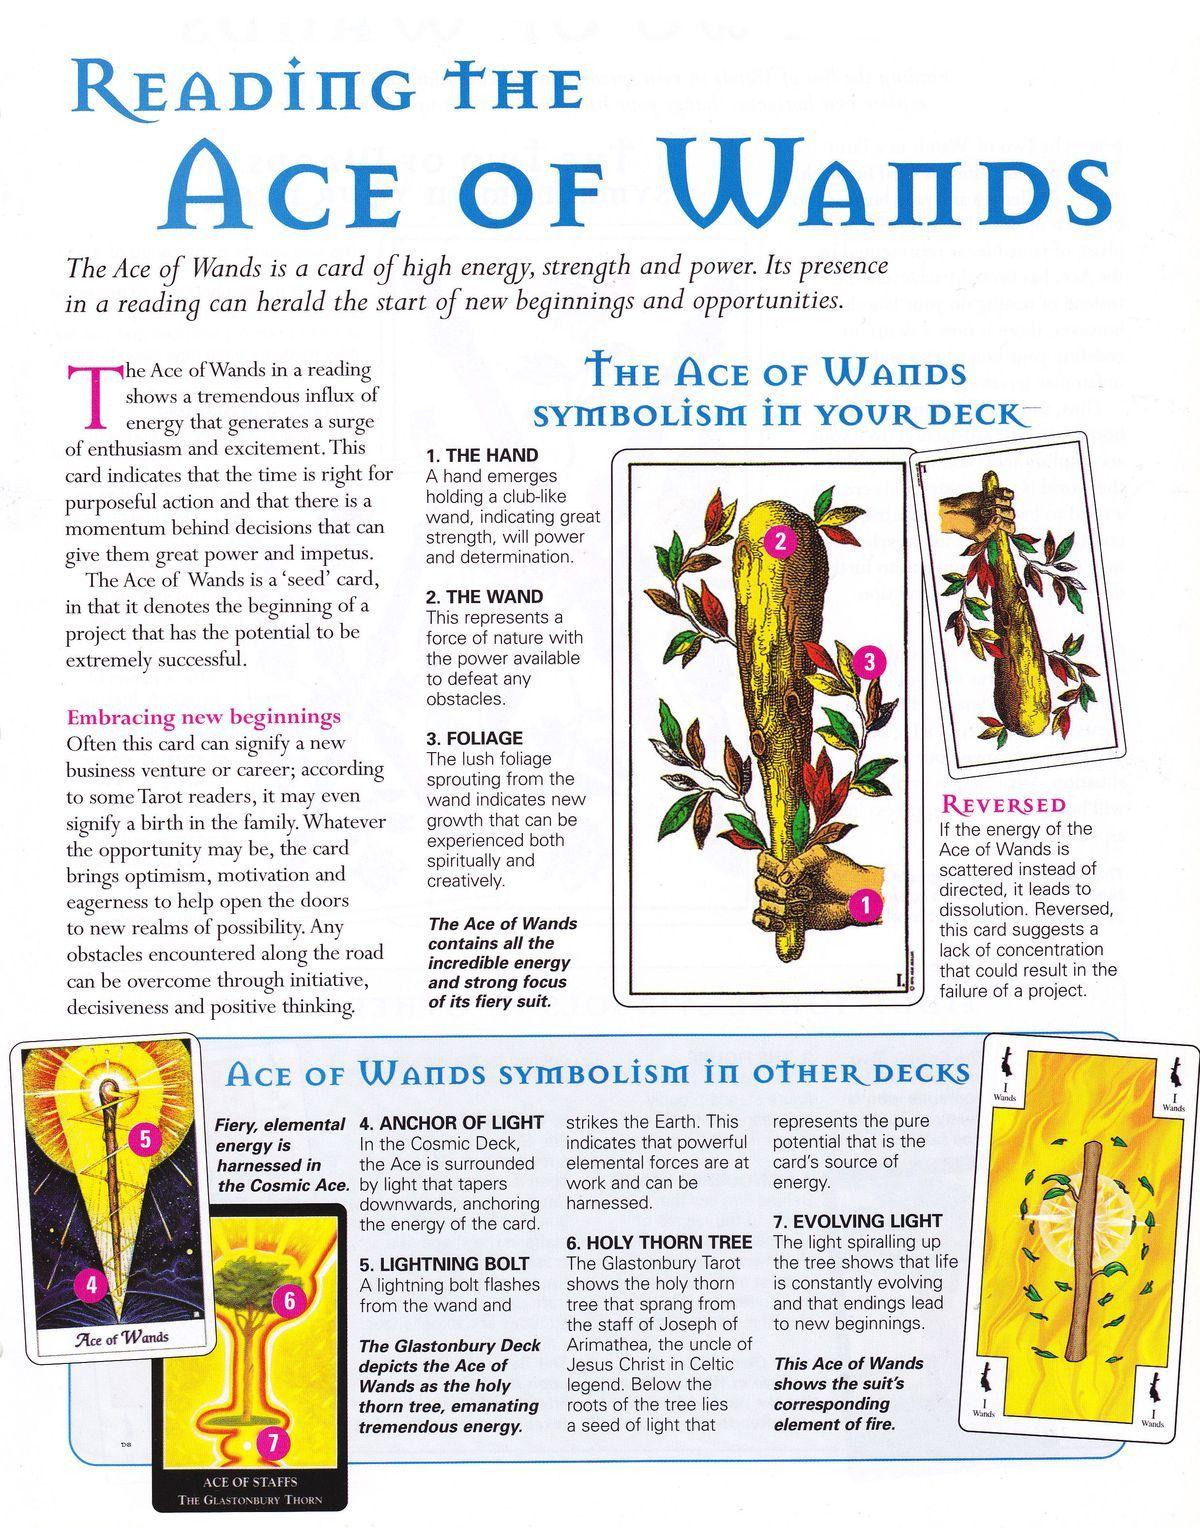 Ace of wands tarot tarot card spreads reading tarot cards